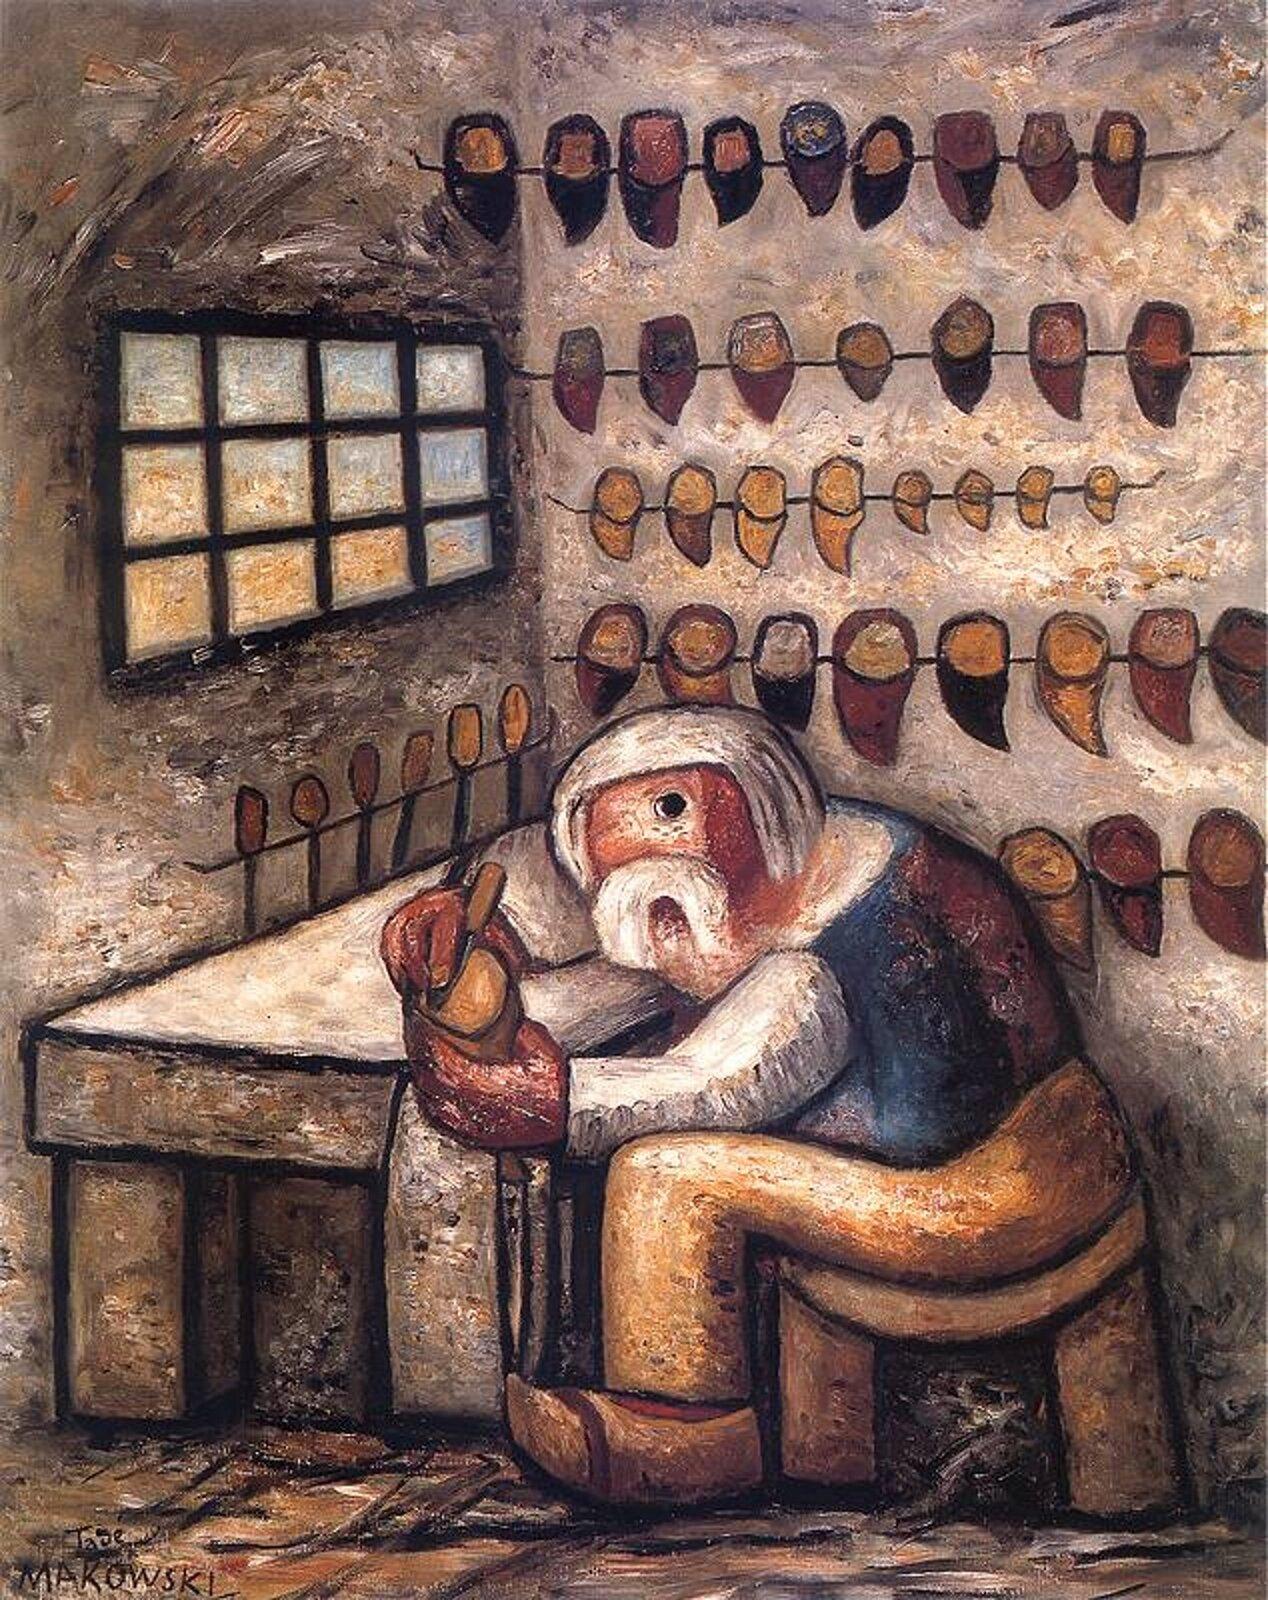 """Ilustracja przedstawia obraz pt. """"Szewc"""" autorstwa Tadeusza Makowskiego. Na pierwszym planie obrazu znajduje się rzemieślnik-szewc przy pracy. Jego postać jest pochylona, zgarbiona, co sugeruje jego wysiłek, zmęczenie, może nawet znużenie wykonywaną pracą. Na drugim planie widoczne są sznury, na których wiszą drewniane modele do profilowania butów, tak zwane saboty. Nasuwają skojarzenie znastroszonymi ptakami siedzącymi na drutach. Miejsce pracy szewca przypomina celę – bielone, puste ściany izakratowane małe okienko potęgują uczucie odosobnienia rzemieślnika od reszty świata."""